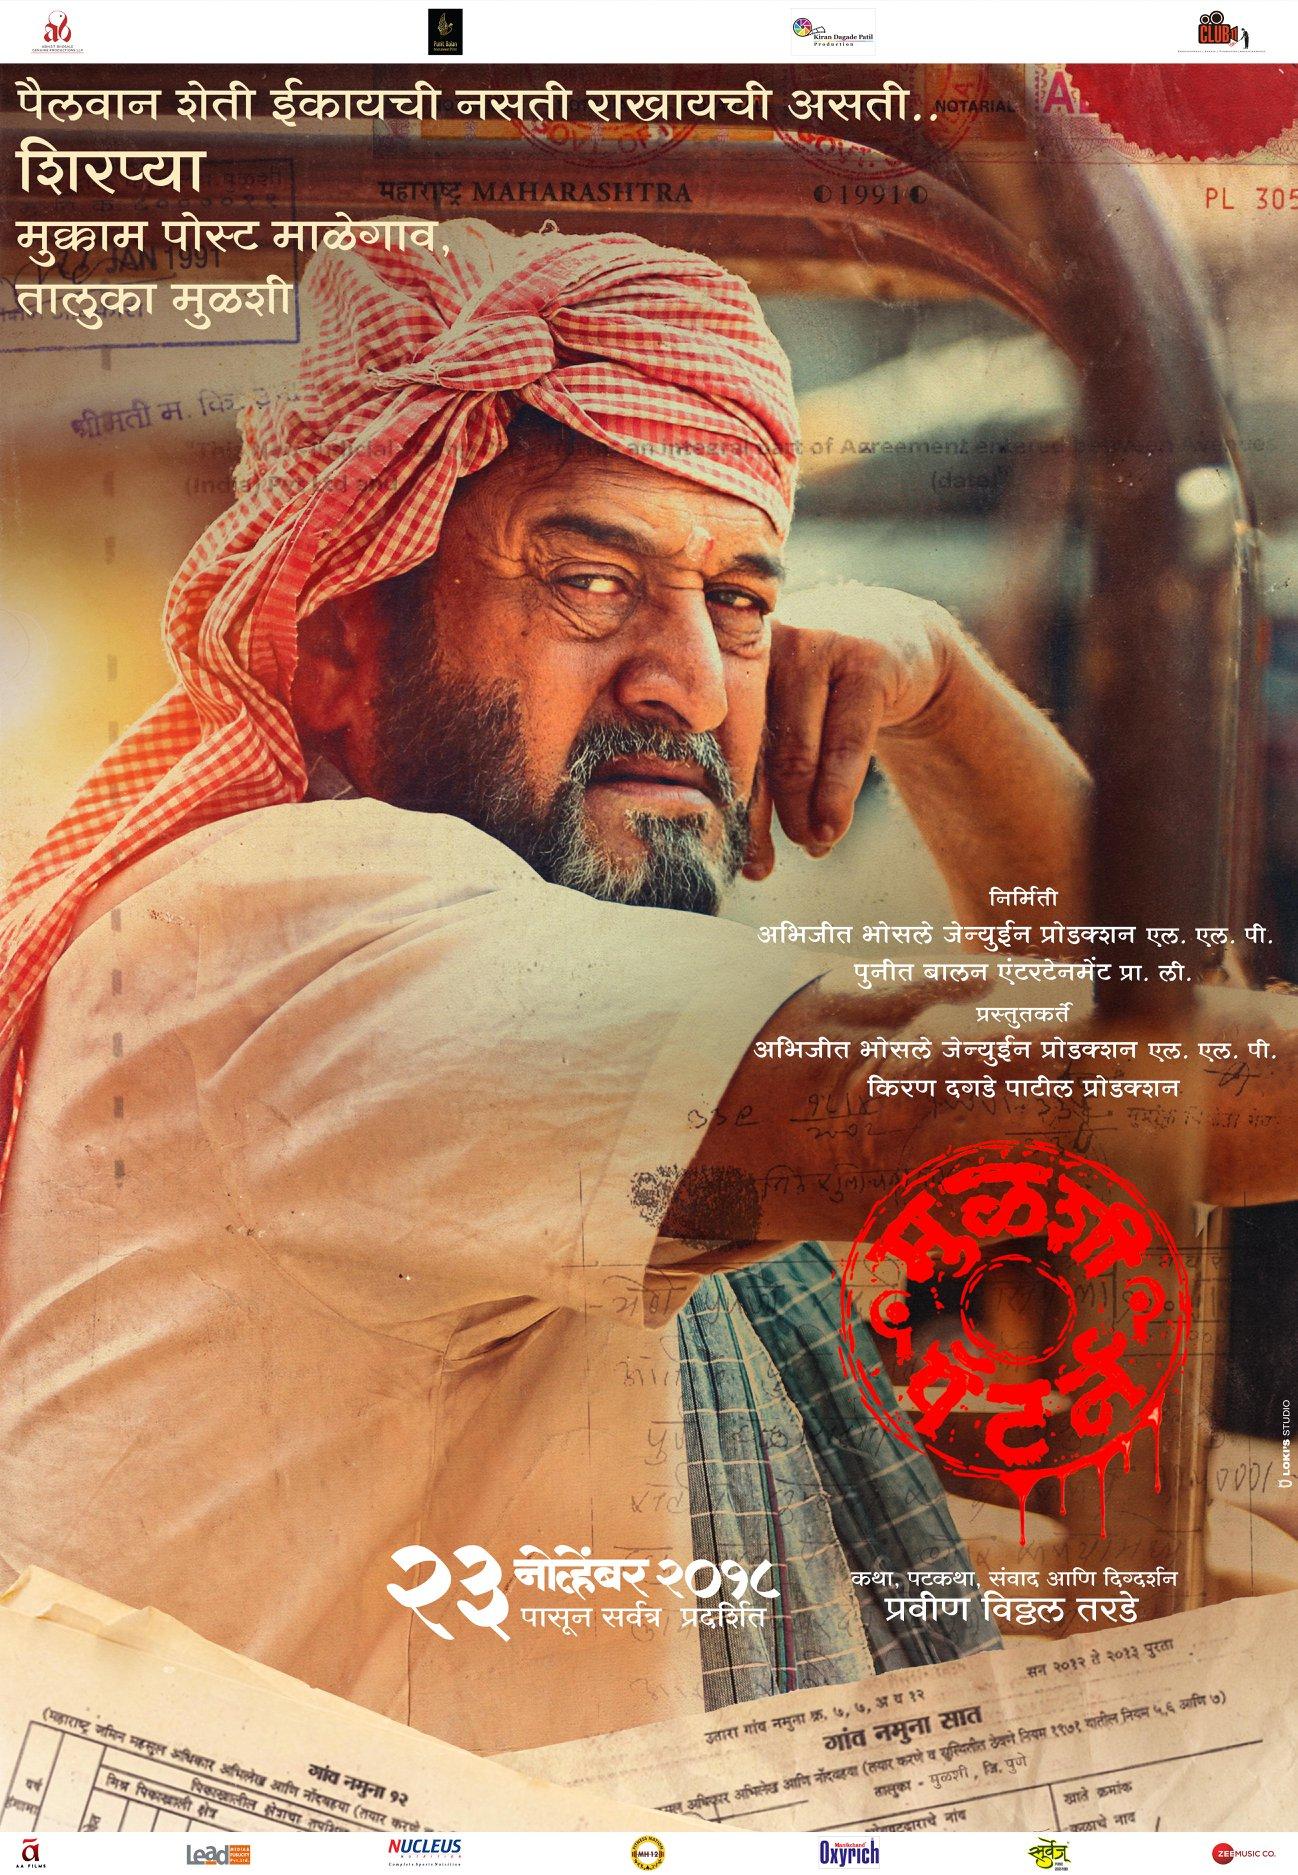 mulshi pattern movie download 480p free